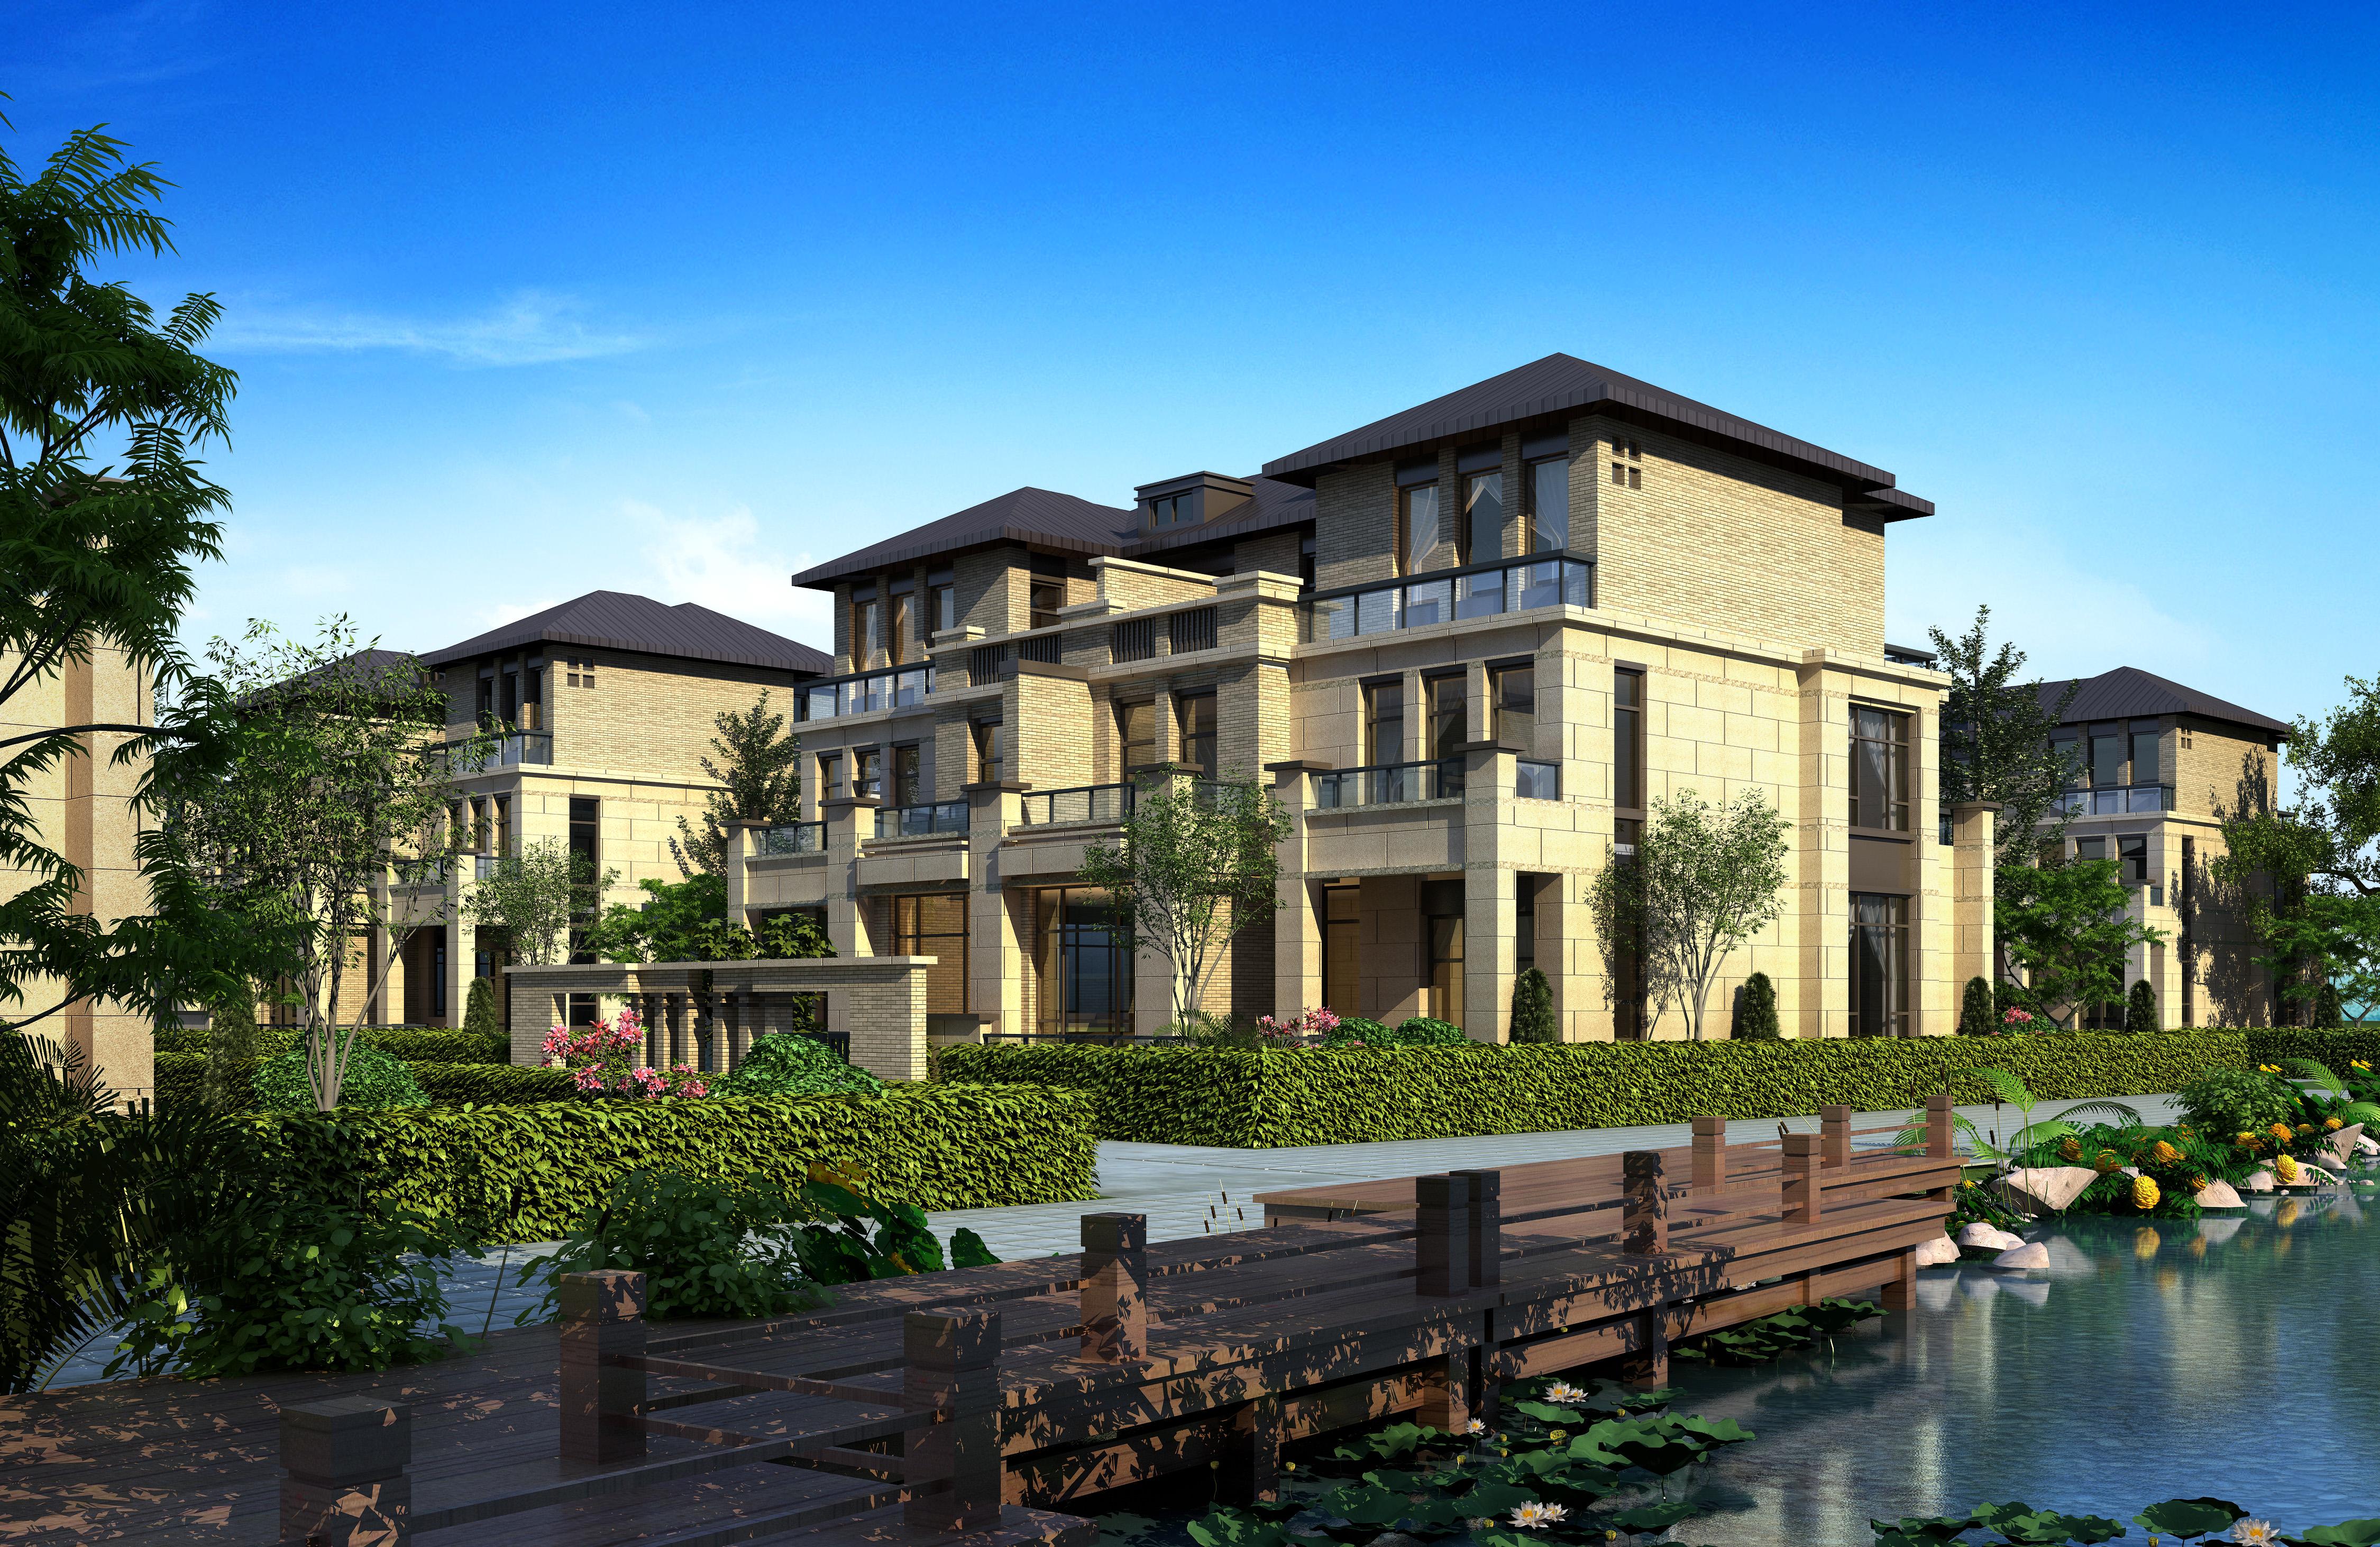 3d villa 027 3d model max 1